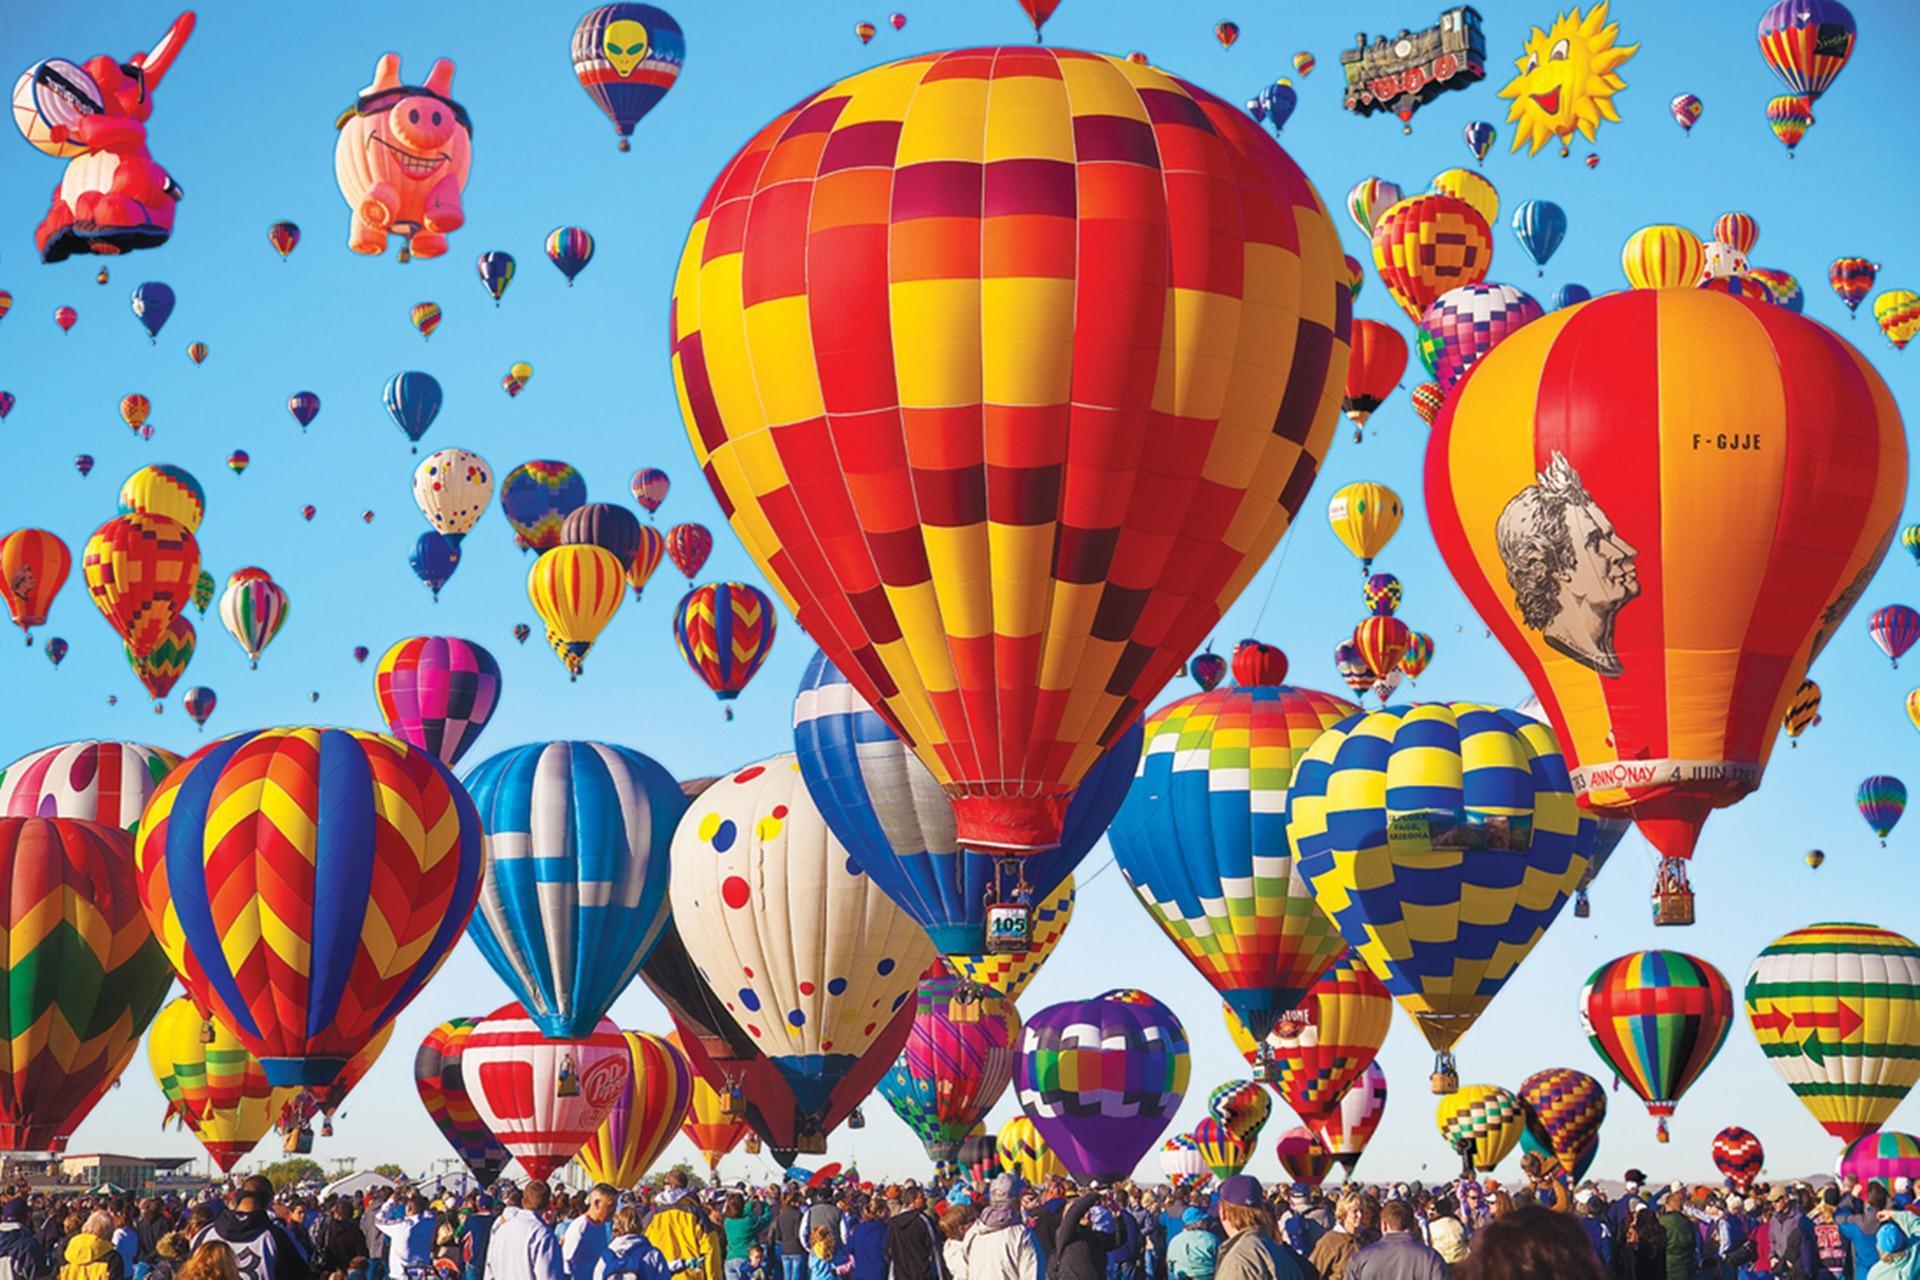 Hình ảnh lễ hội khinh khí cầu cực đẹp